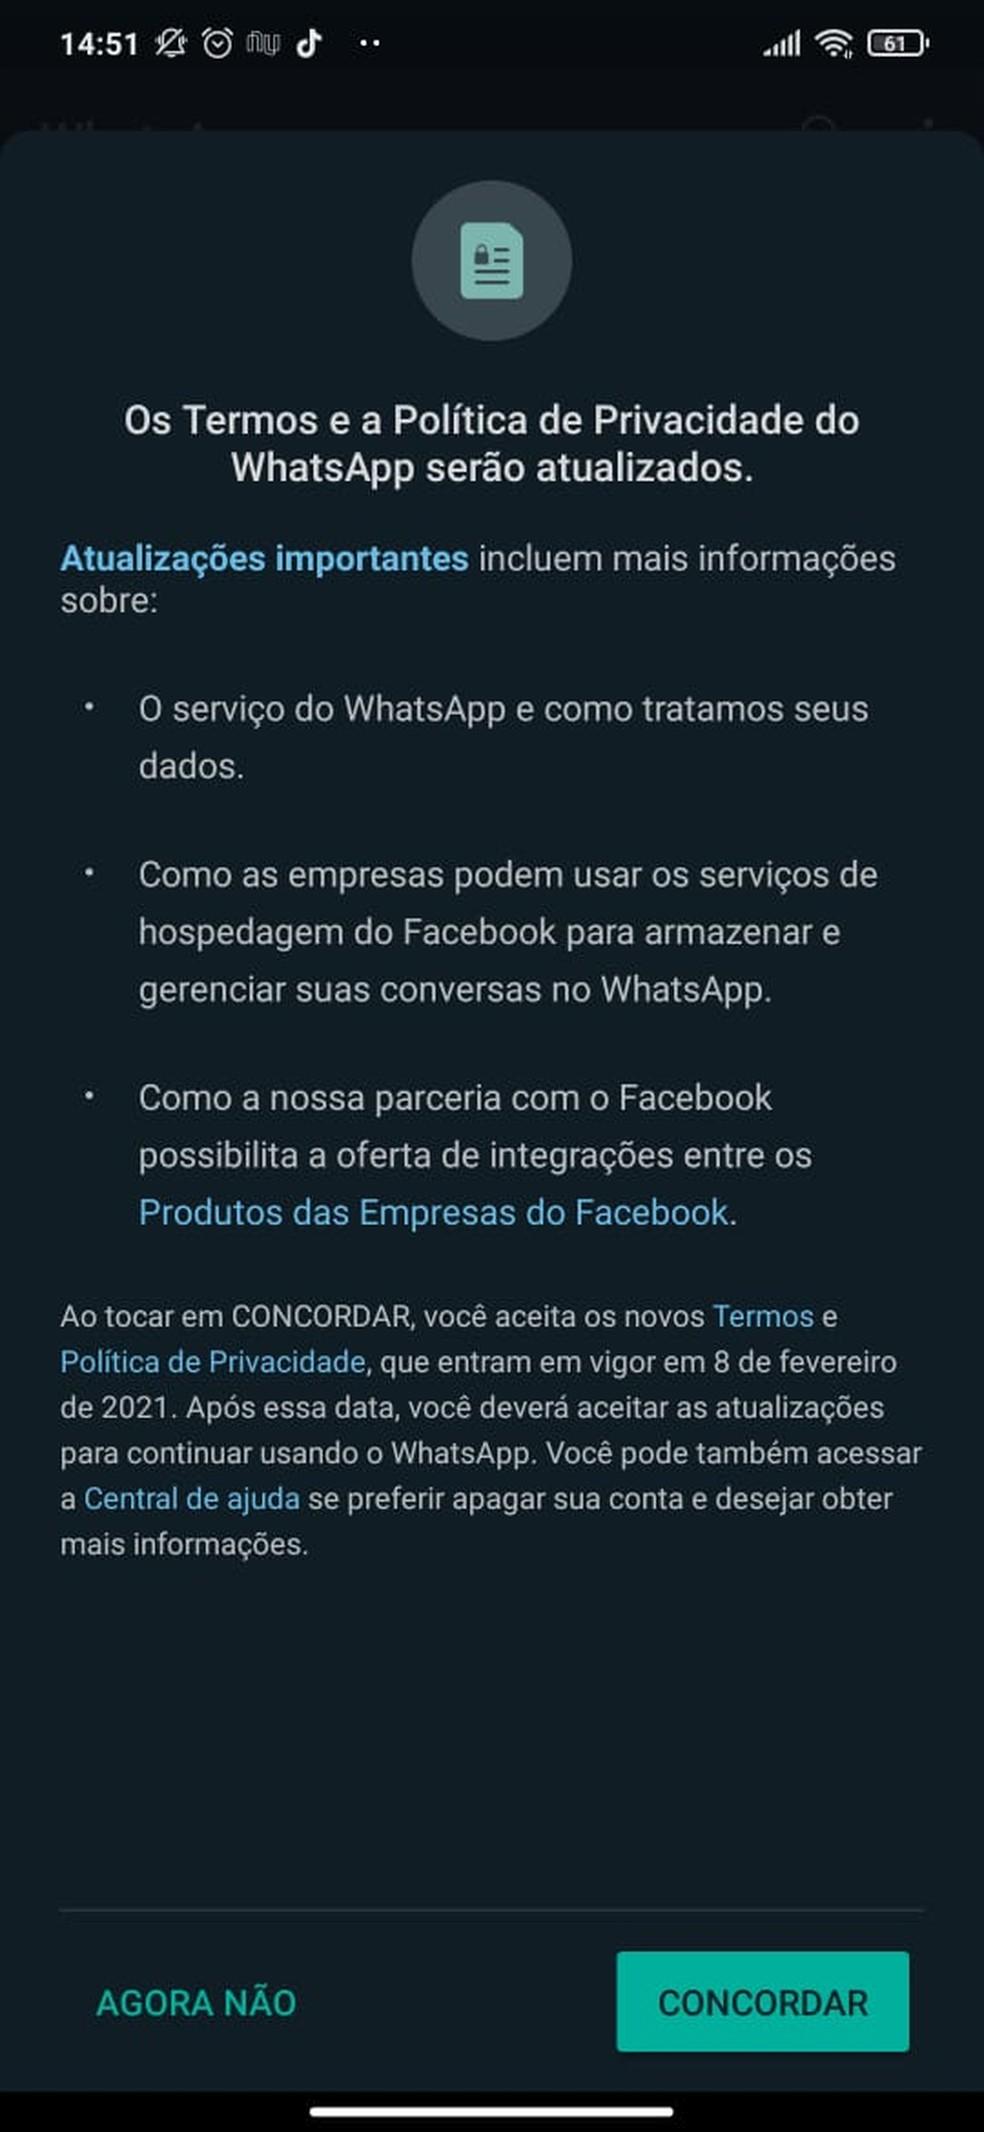 Notificação com informações sobre os novos termos e políticas de privacidade do WhatsApp. — Foto: Reprodução/Arquivo pessoal